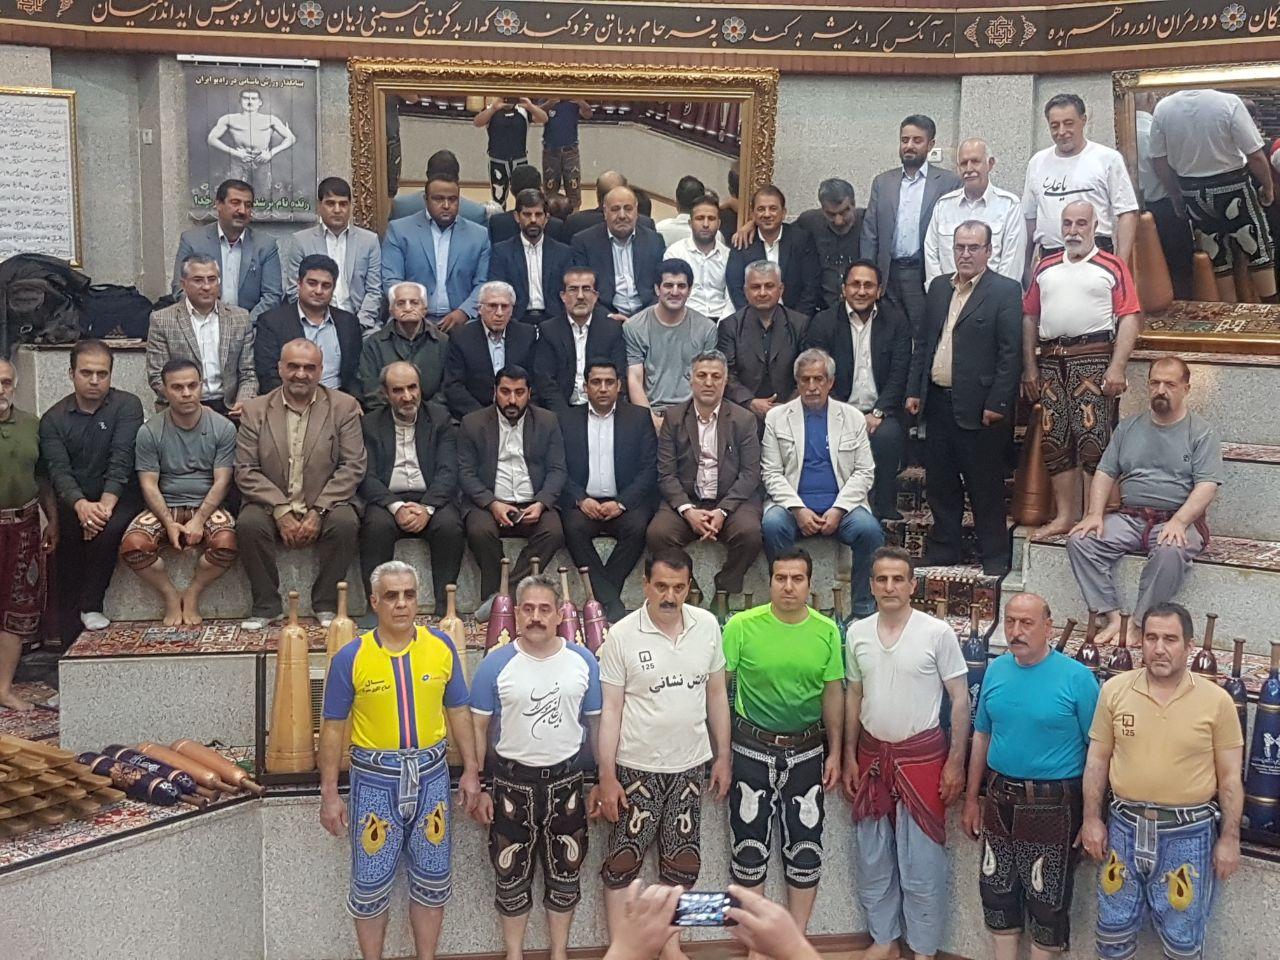 باشگاه خبرنگاران -دیدار اعضای مجمع با رسول خادم در زورخانه